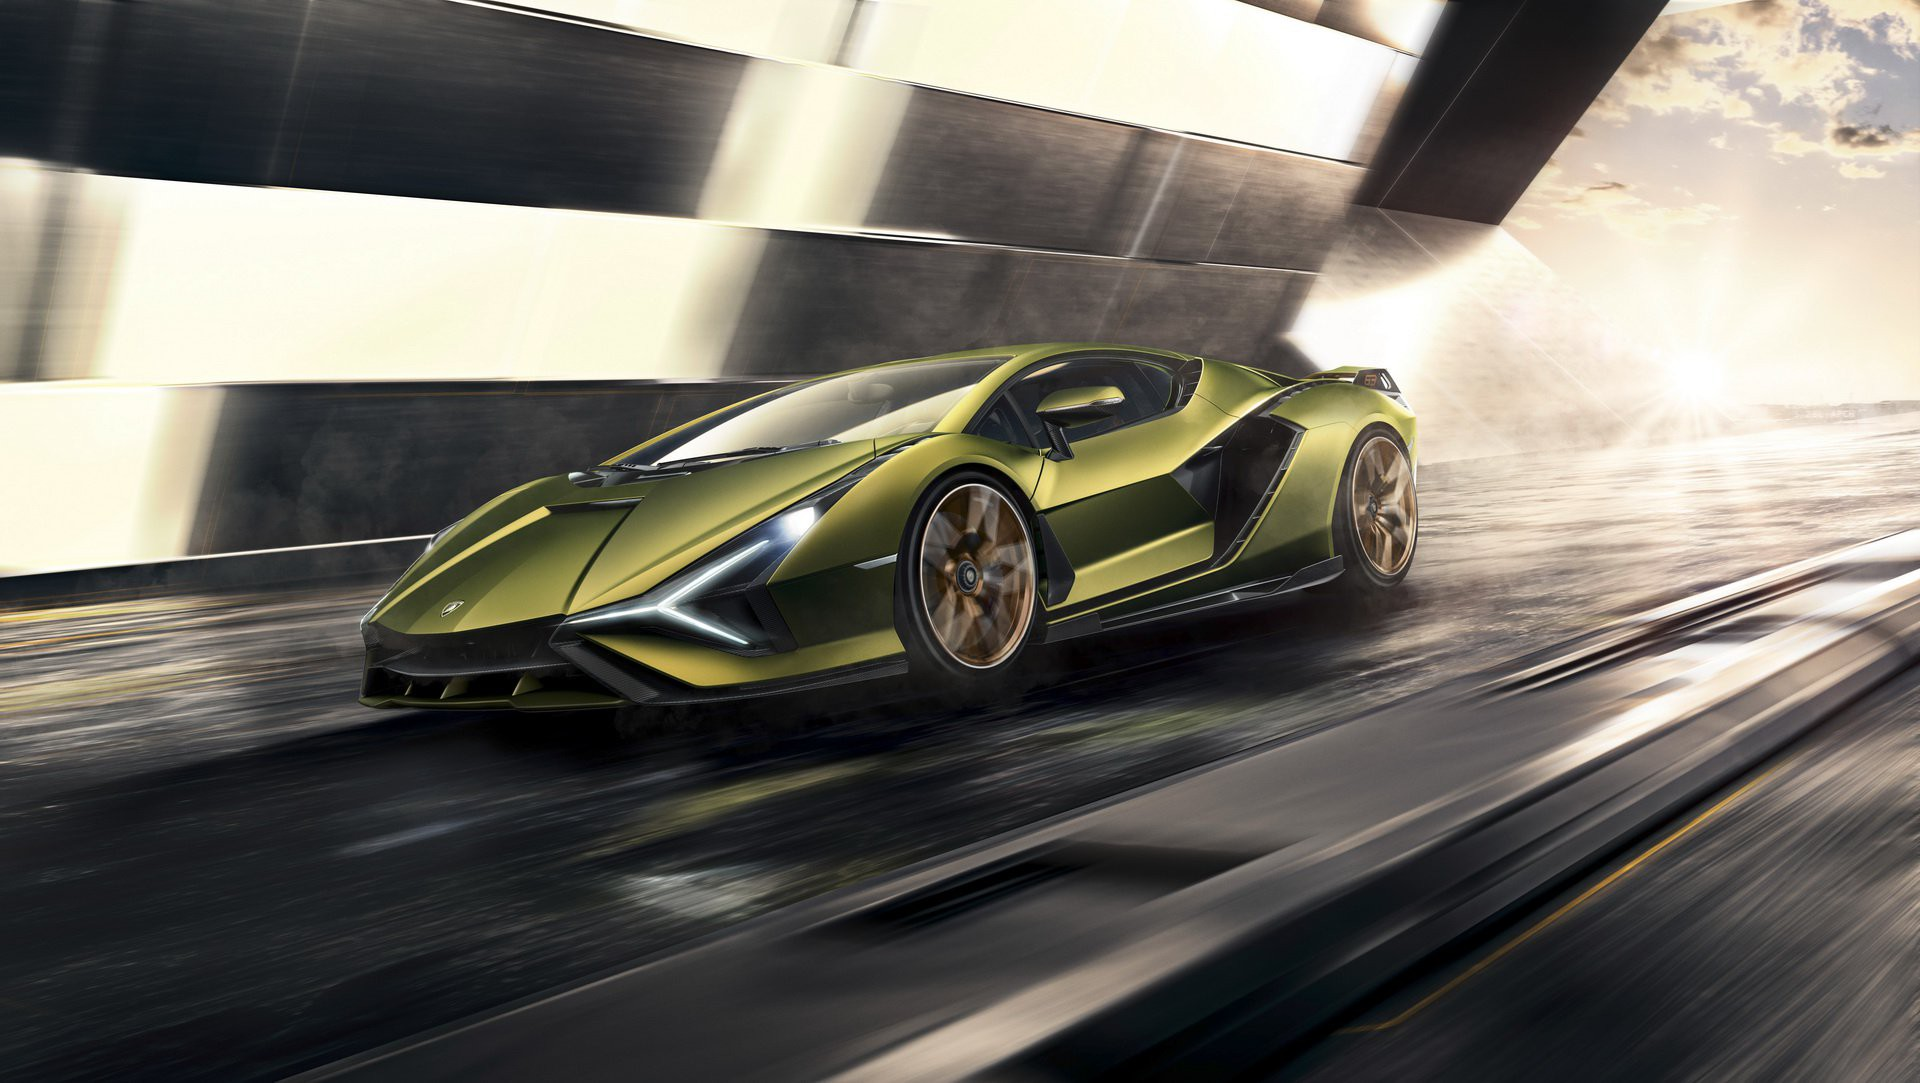 Ảnh xe Lamborghini làm hình nền